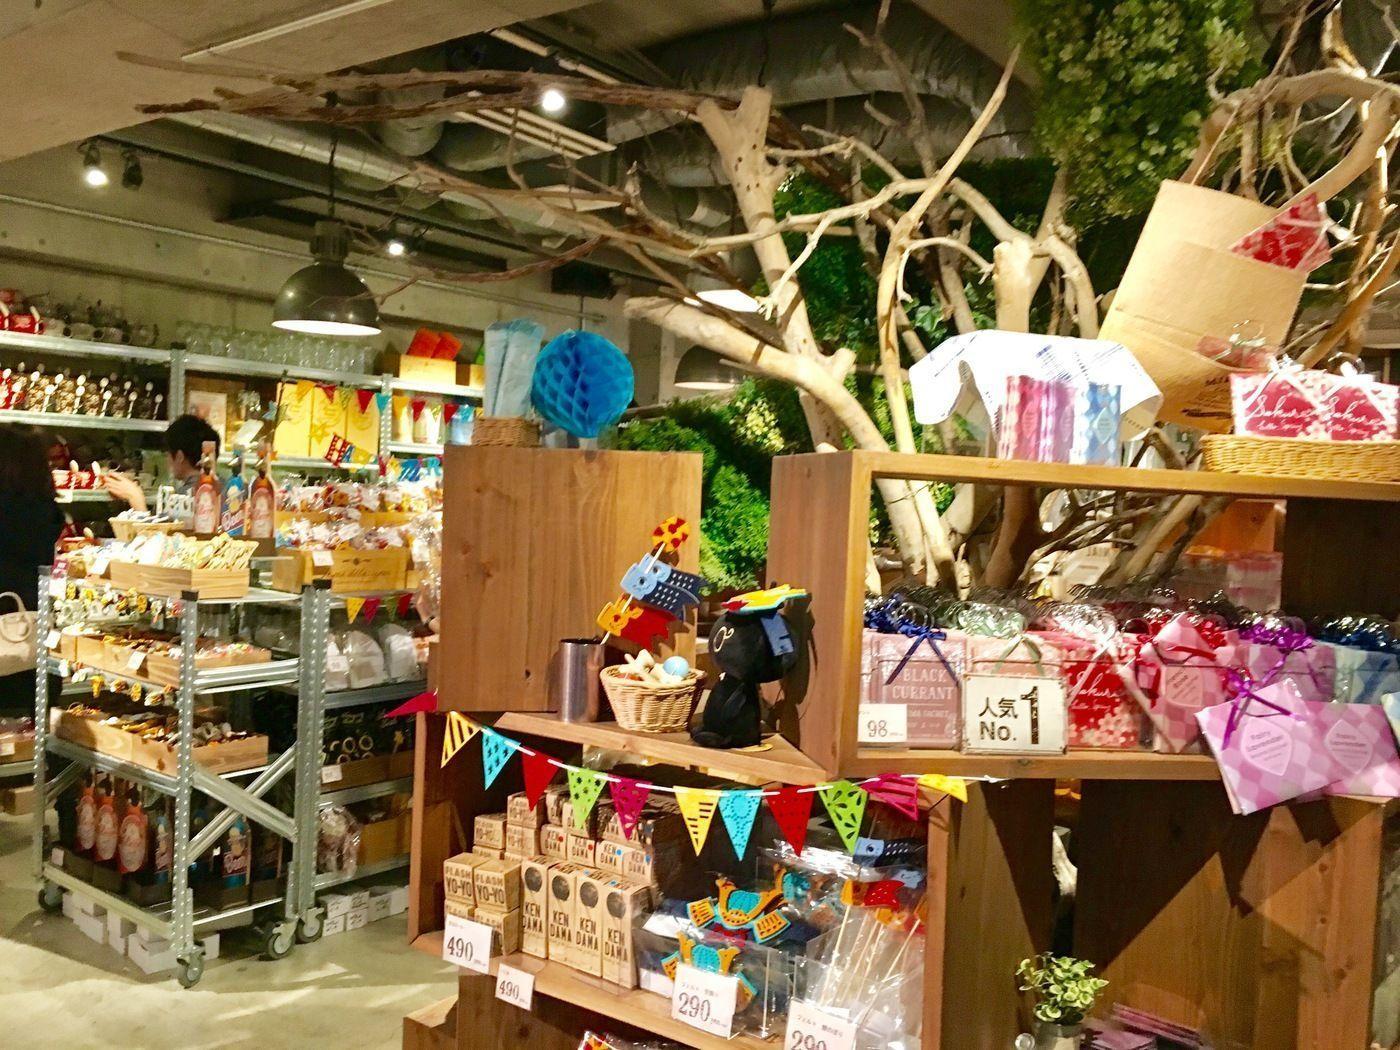 東京の雑貨店ならココは1度は訪れたい!【原宿・渋谷・新宿編】の画像